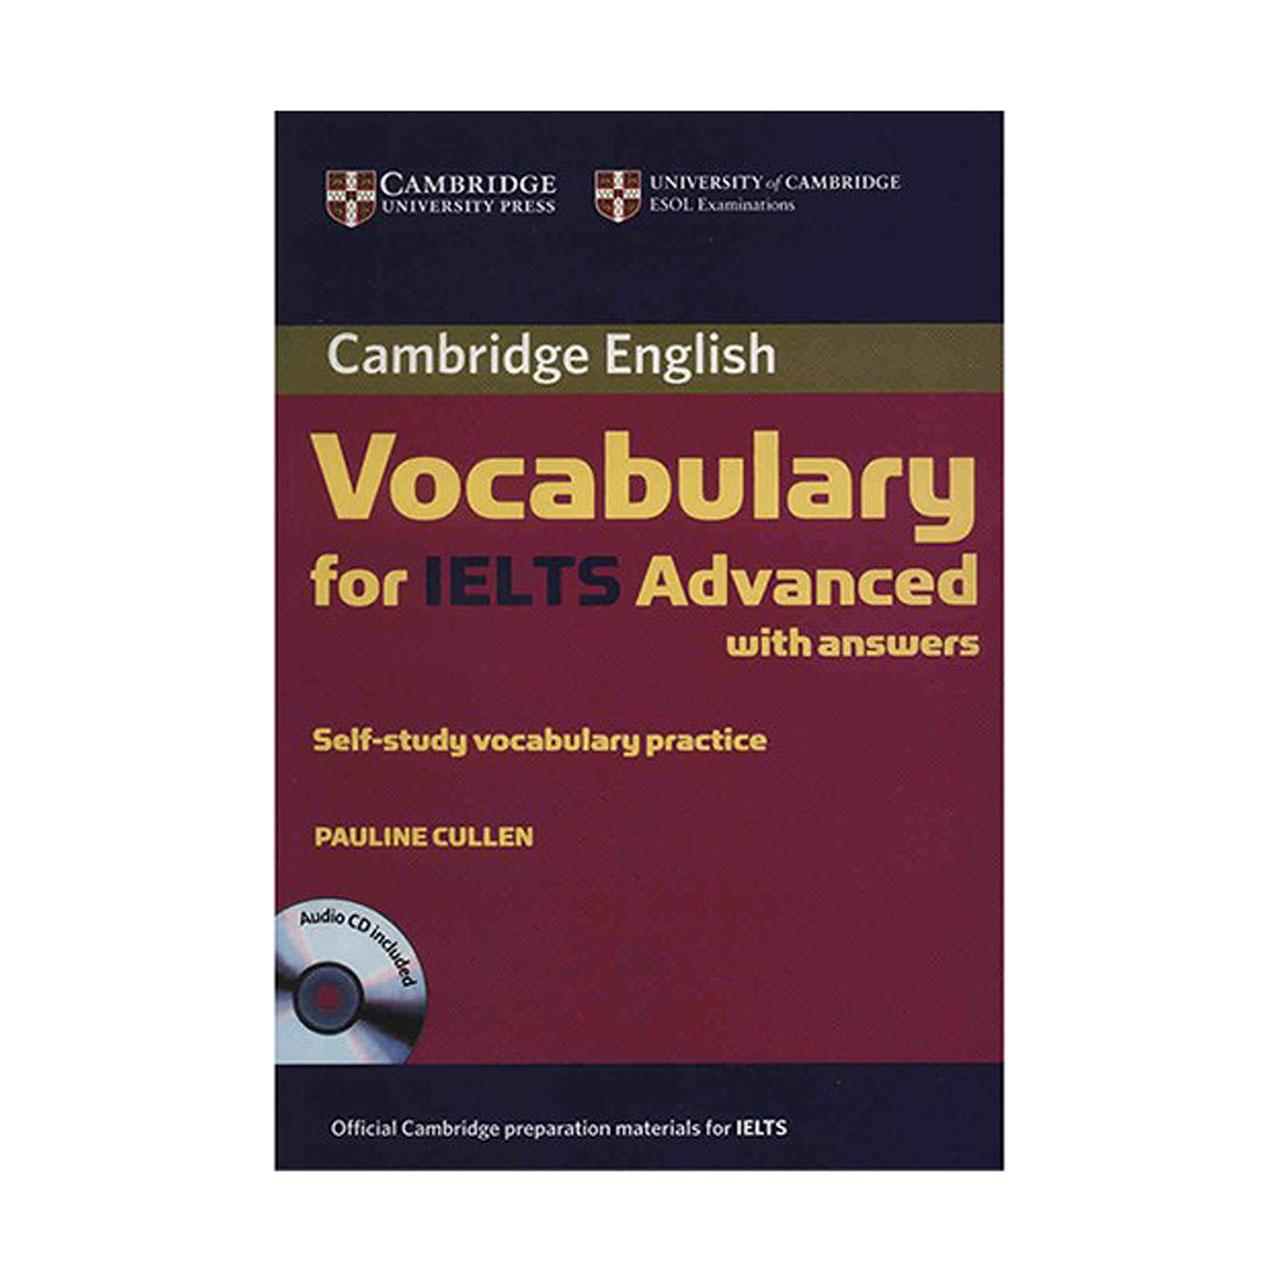 کتاب زبان Cambridge Vocabulary For IELTS Advance اثر پولین کالن